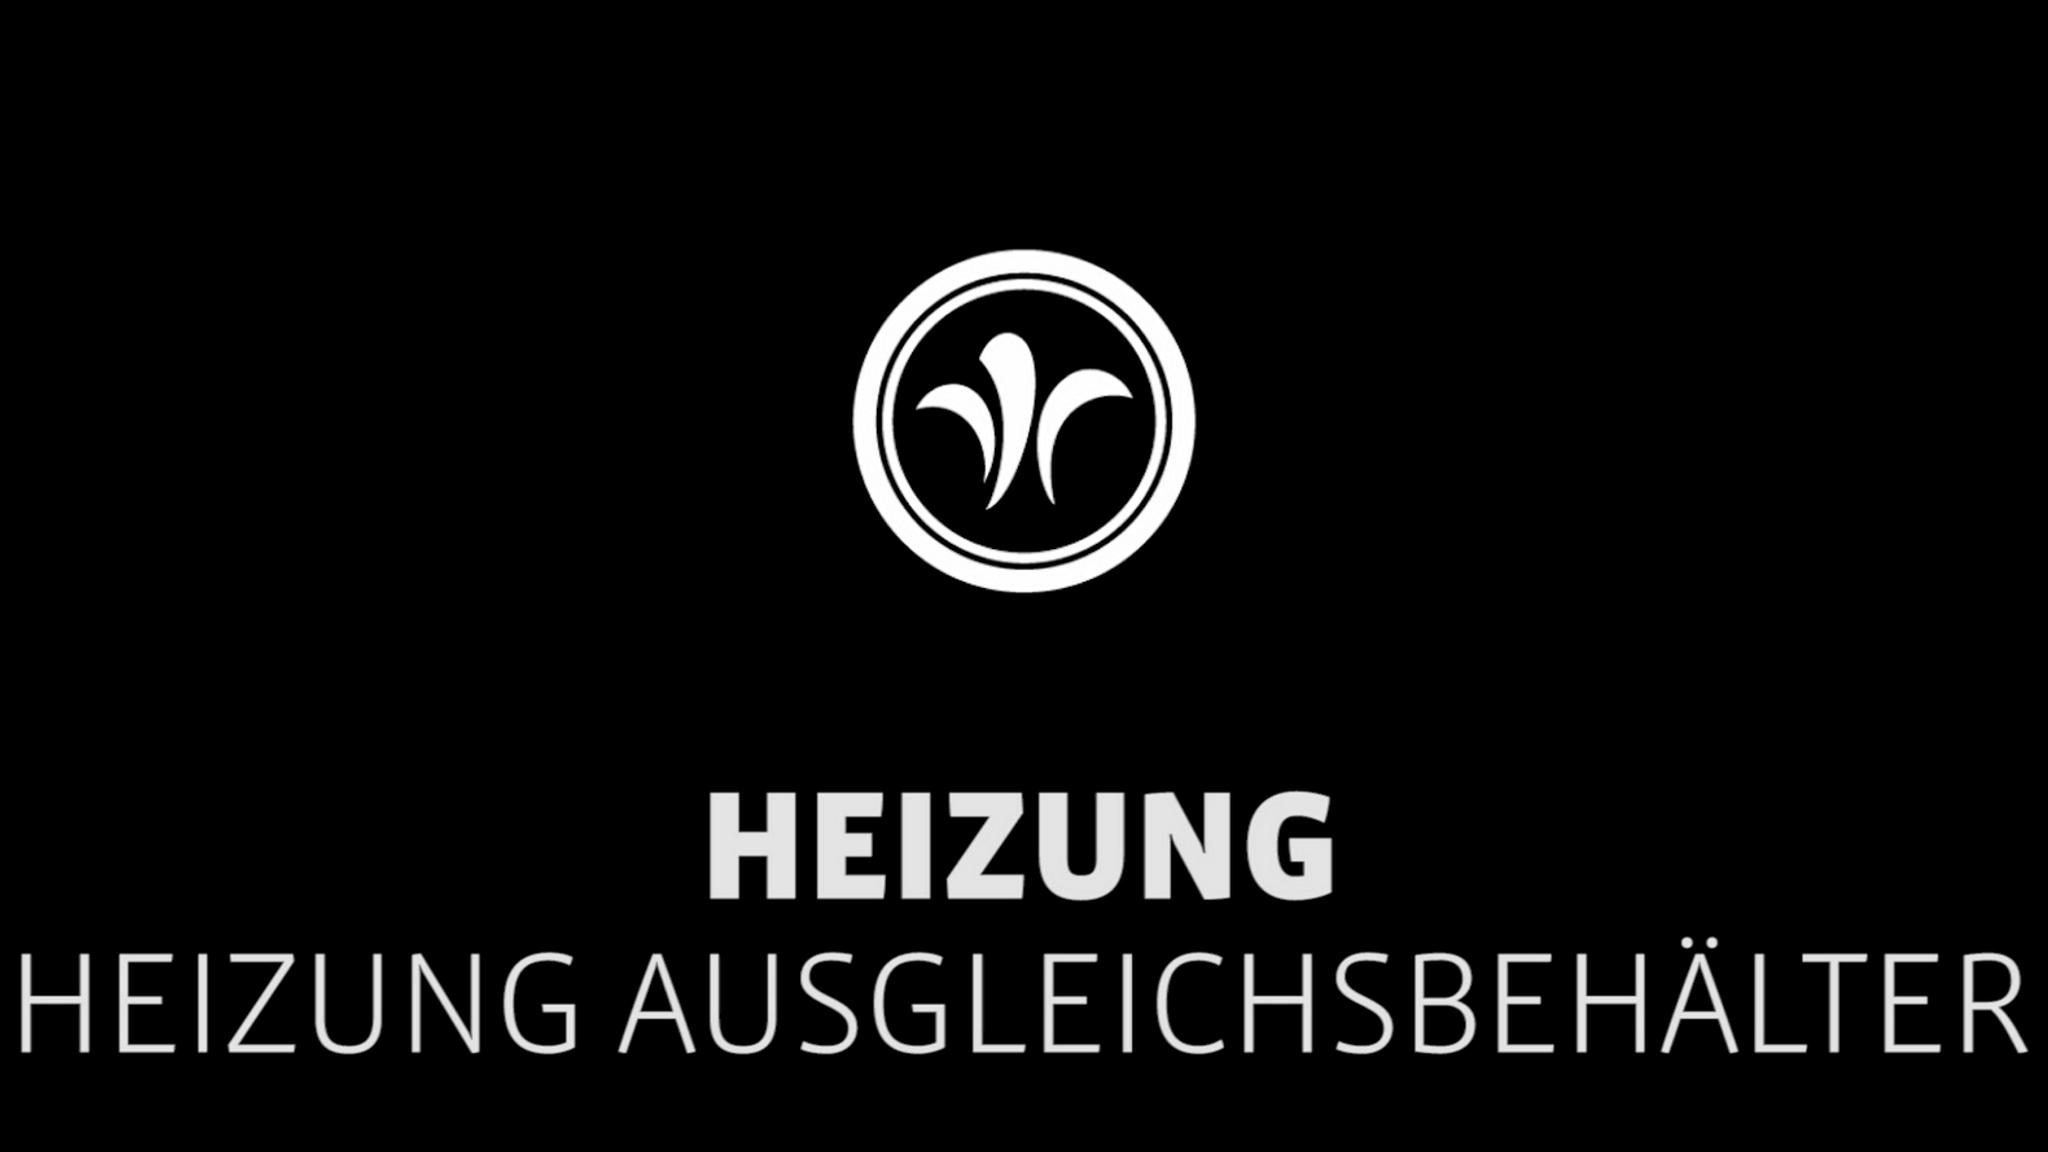 Wohnmobil Heizung-Ausgleichsbehälter // Niesmann+Bischoff – Reisemobil (Modell ARTO) // 2019 // H3